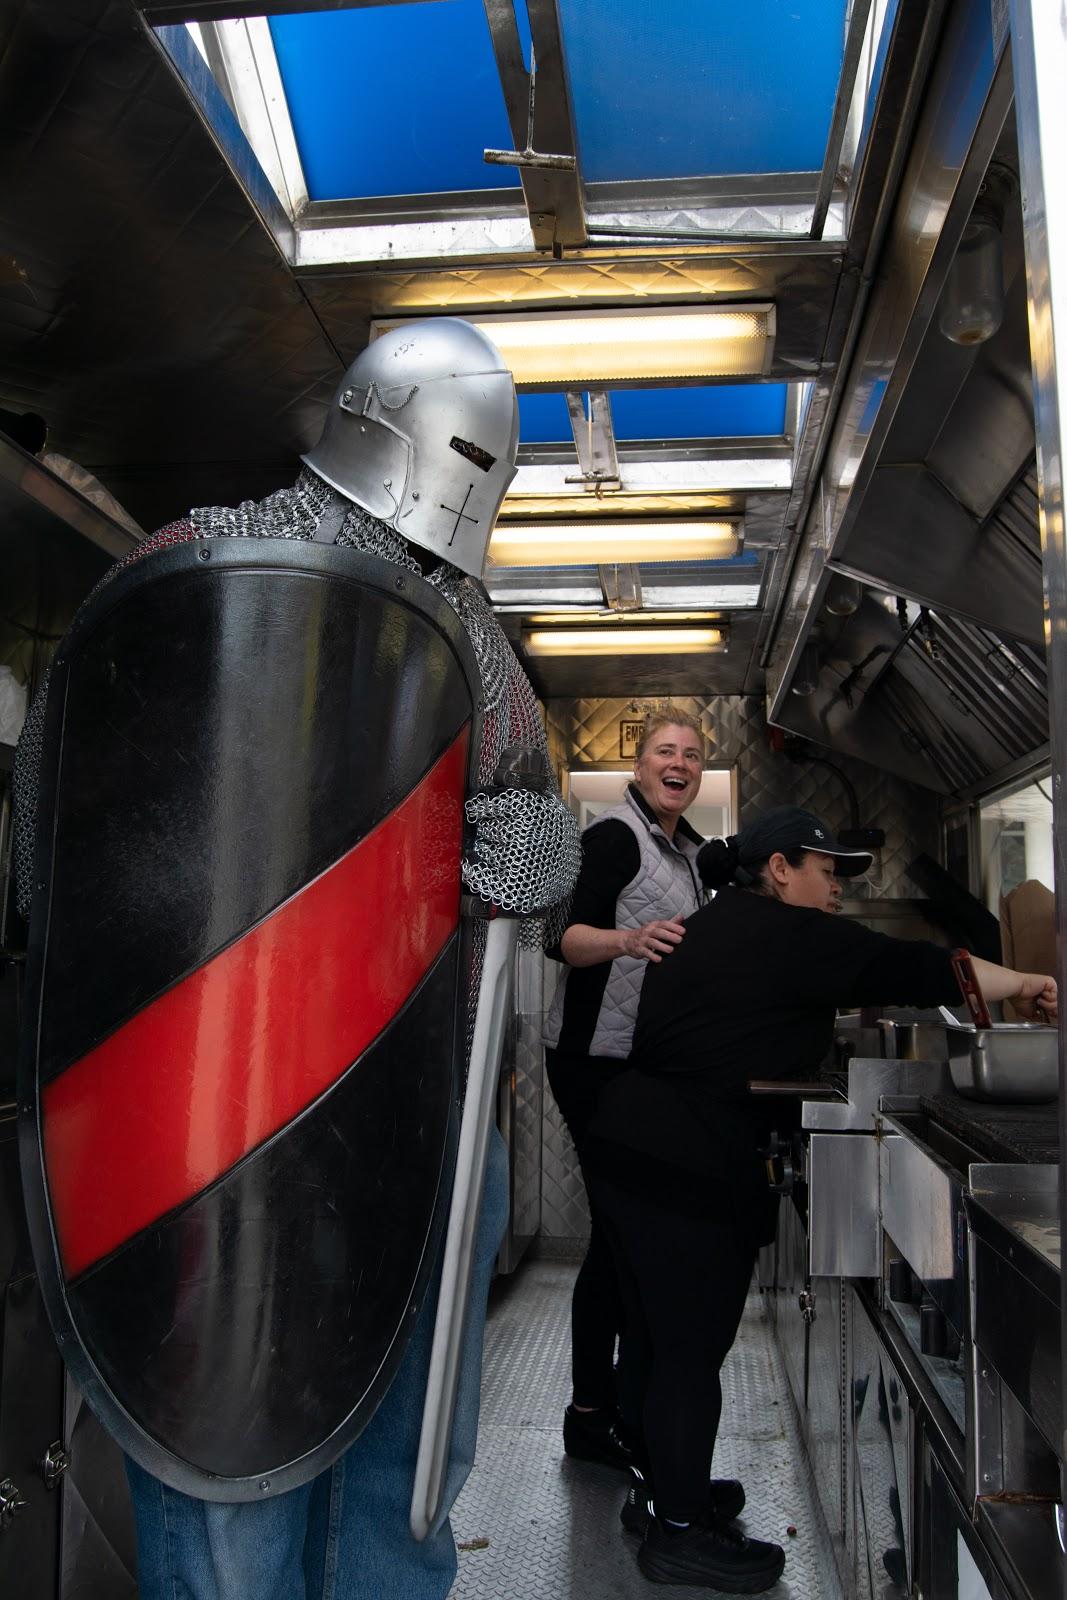 叛徒骑士马科特在食品车和斯蒂芬妮笑。